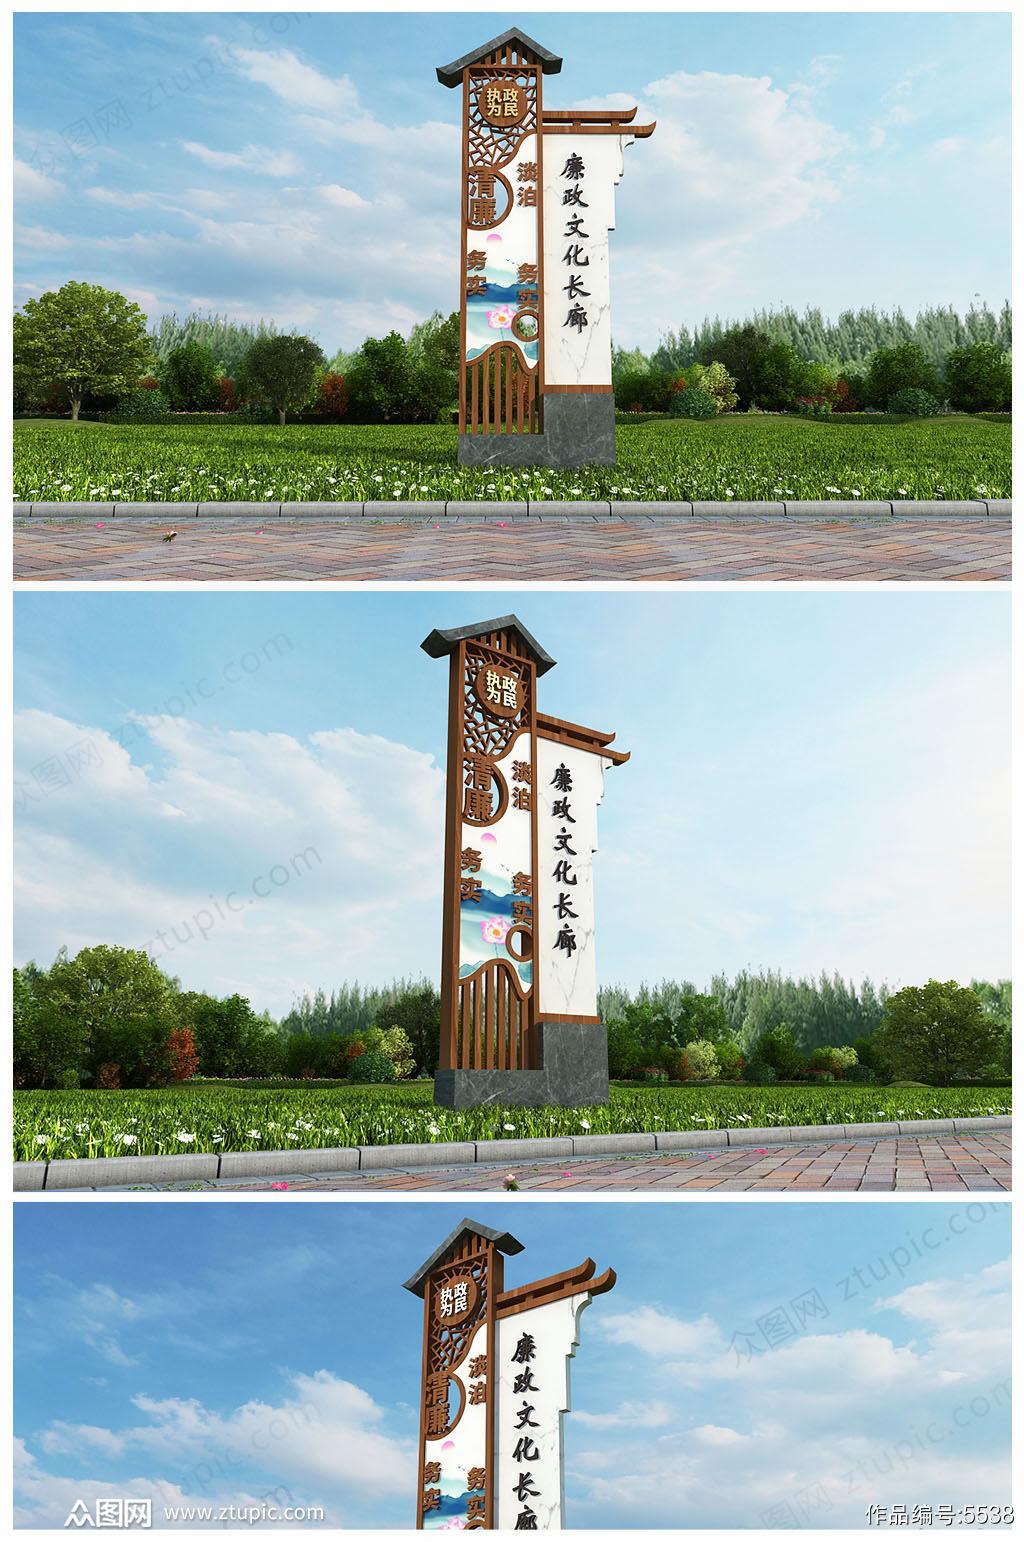 原创党建廉政主题文化广场雕塑精神堡垒设计党建立牌素材